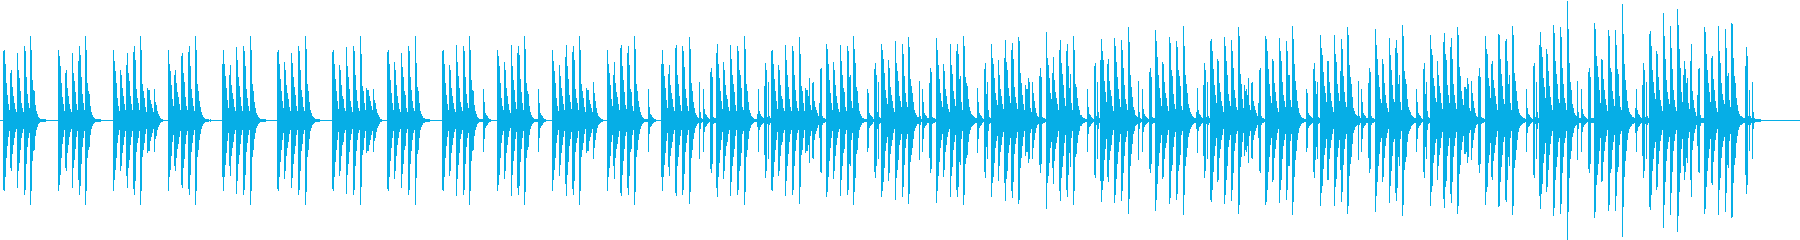 同じフレーズが続く木琴のかわいらしい曲の再生済みの波形